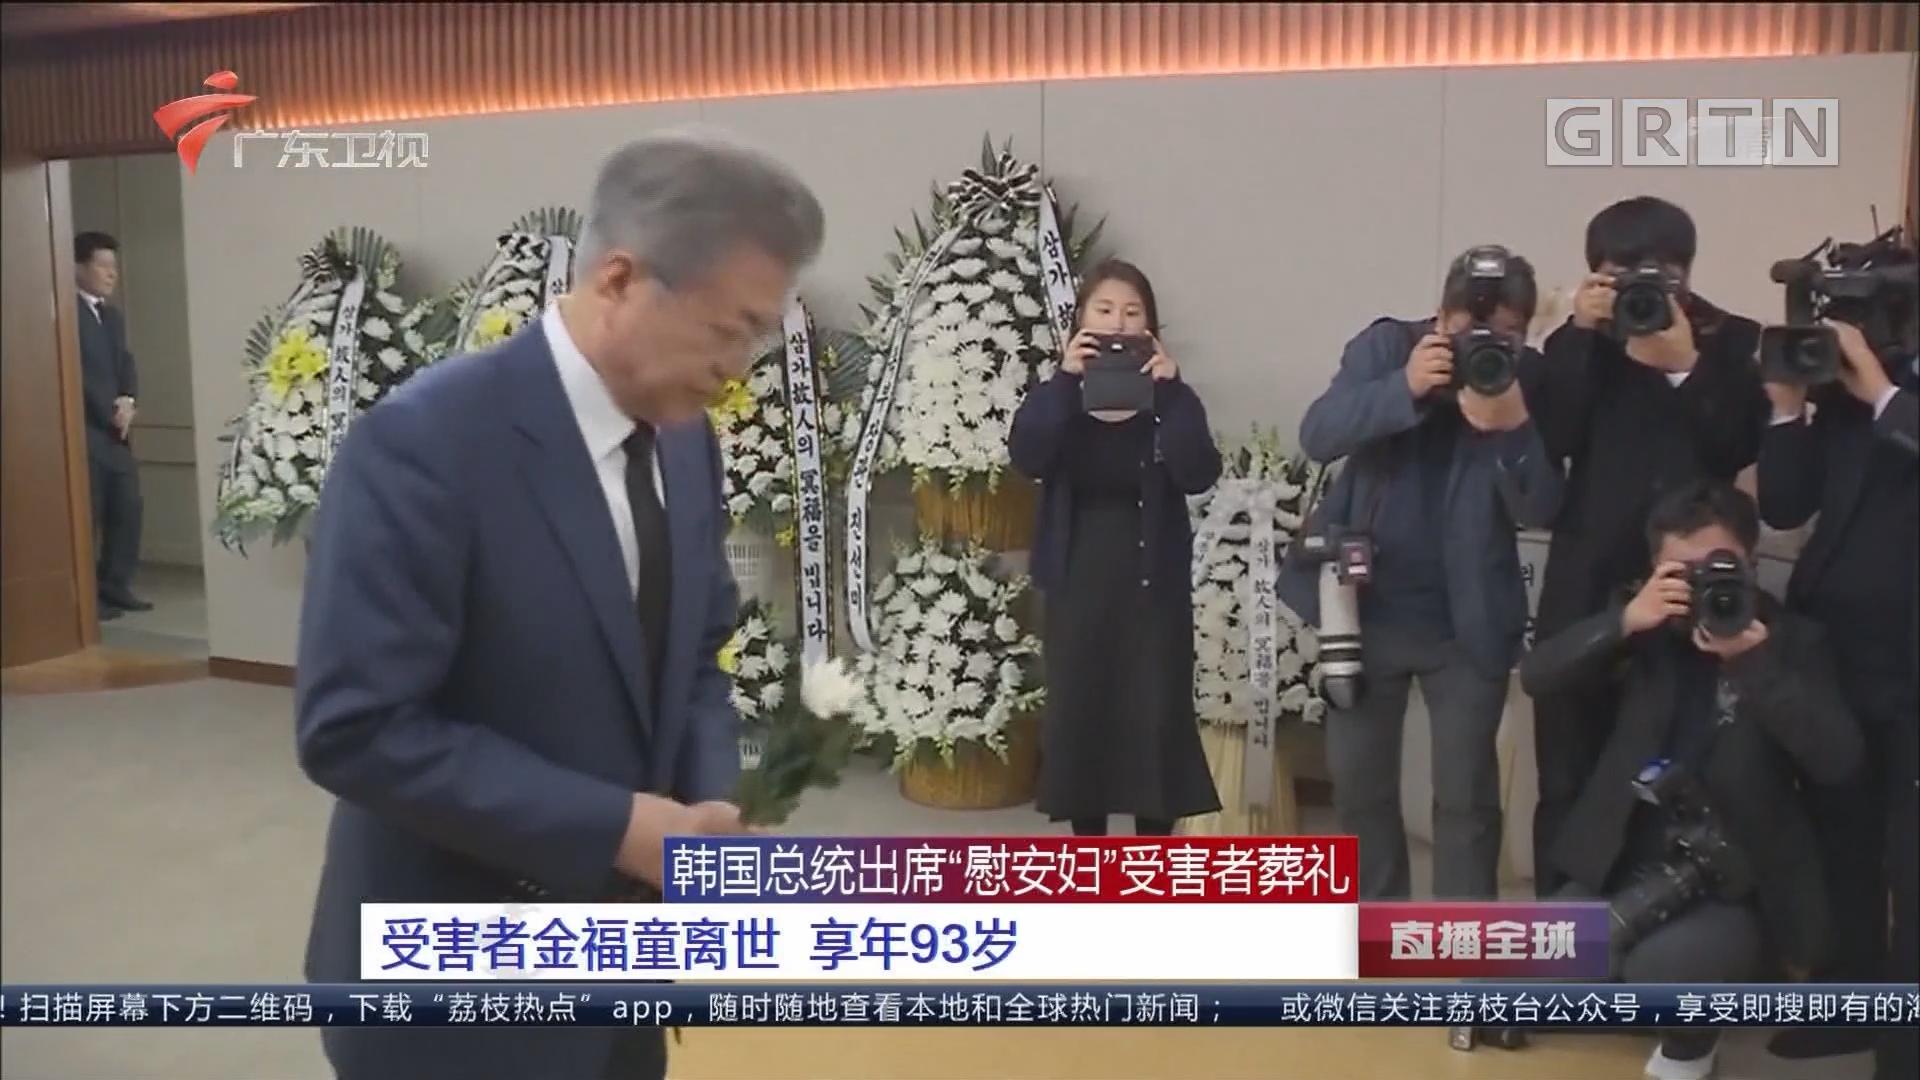 """韩国总统出席""""慰安妇""""受害者葬礼 受害者金福童离世 享年93岁"""